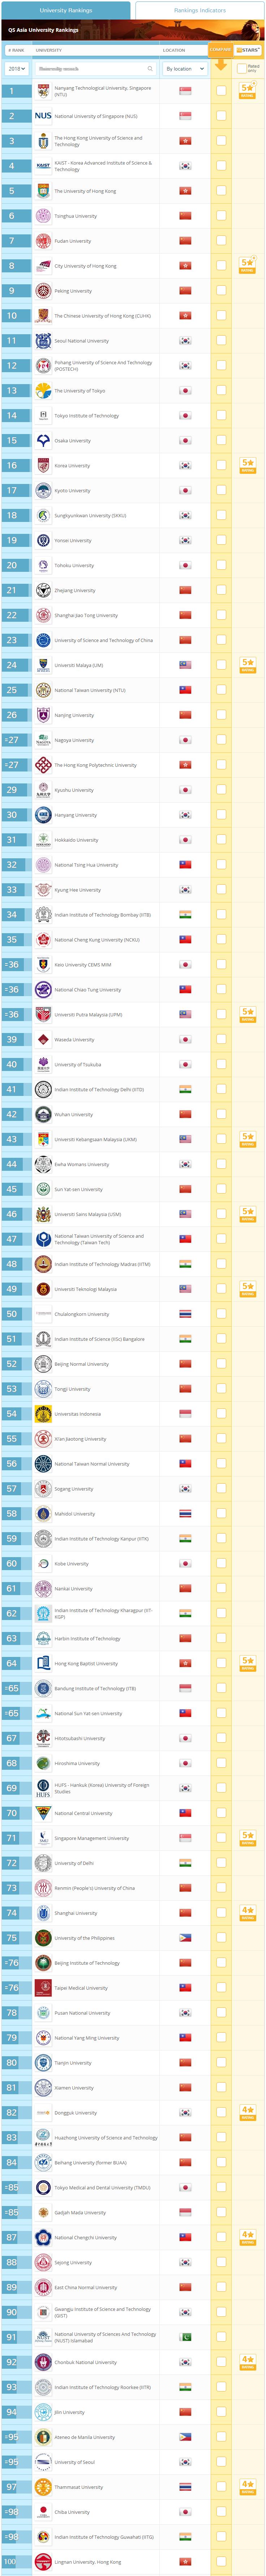 2018QS亚洲大学排行榜发布 TOP5是哪些院校?